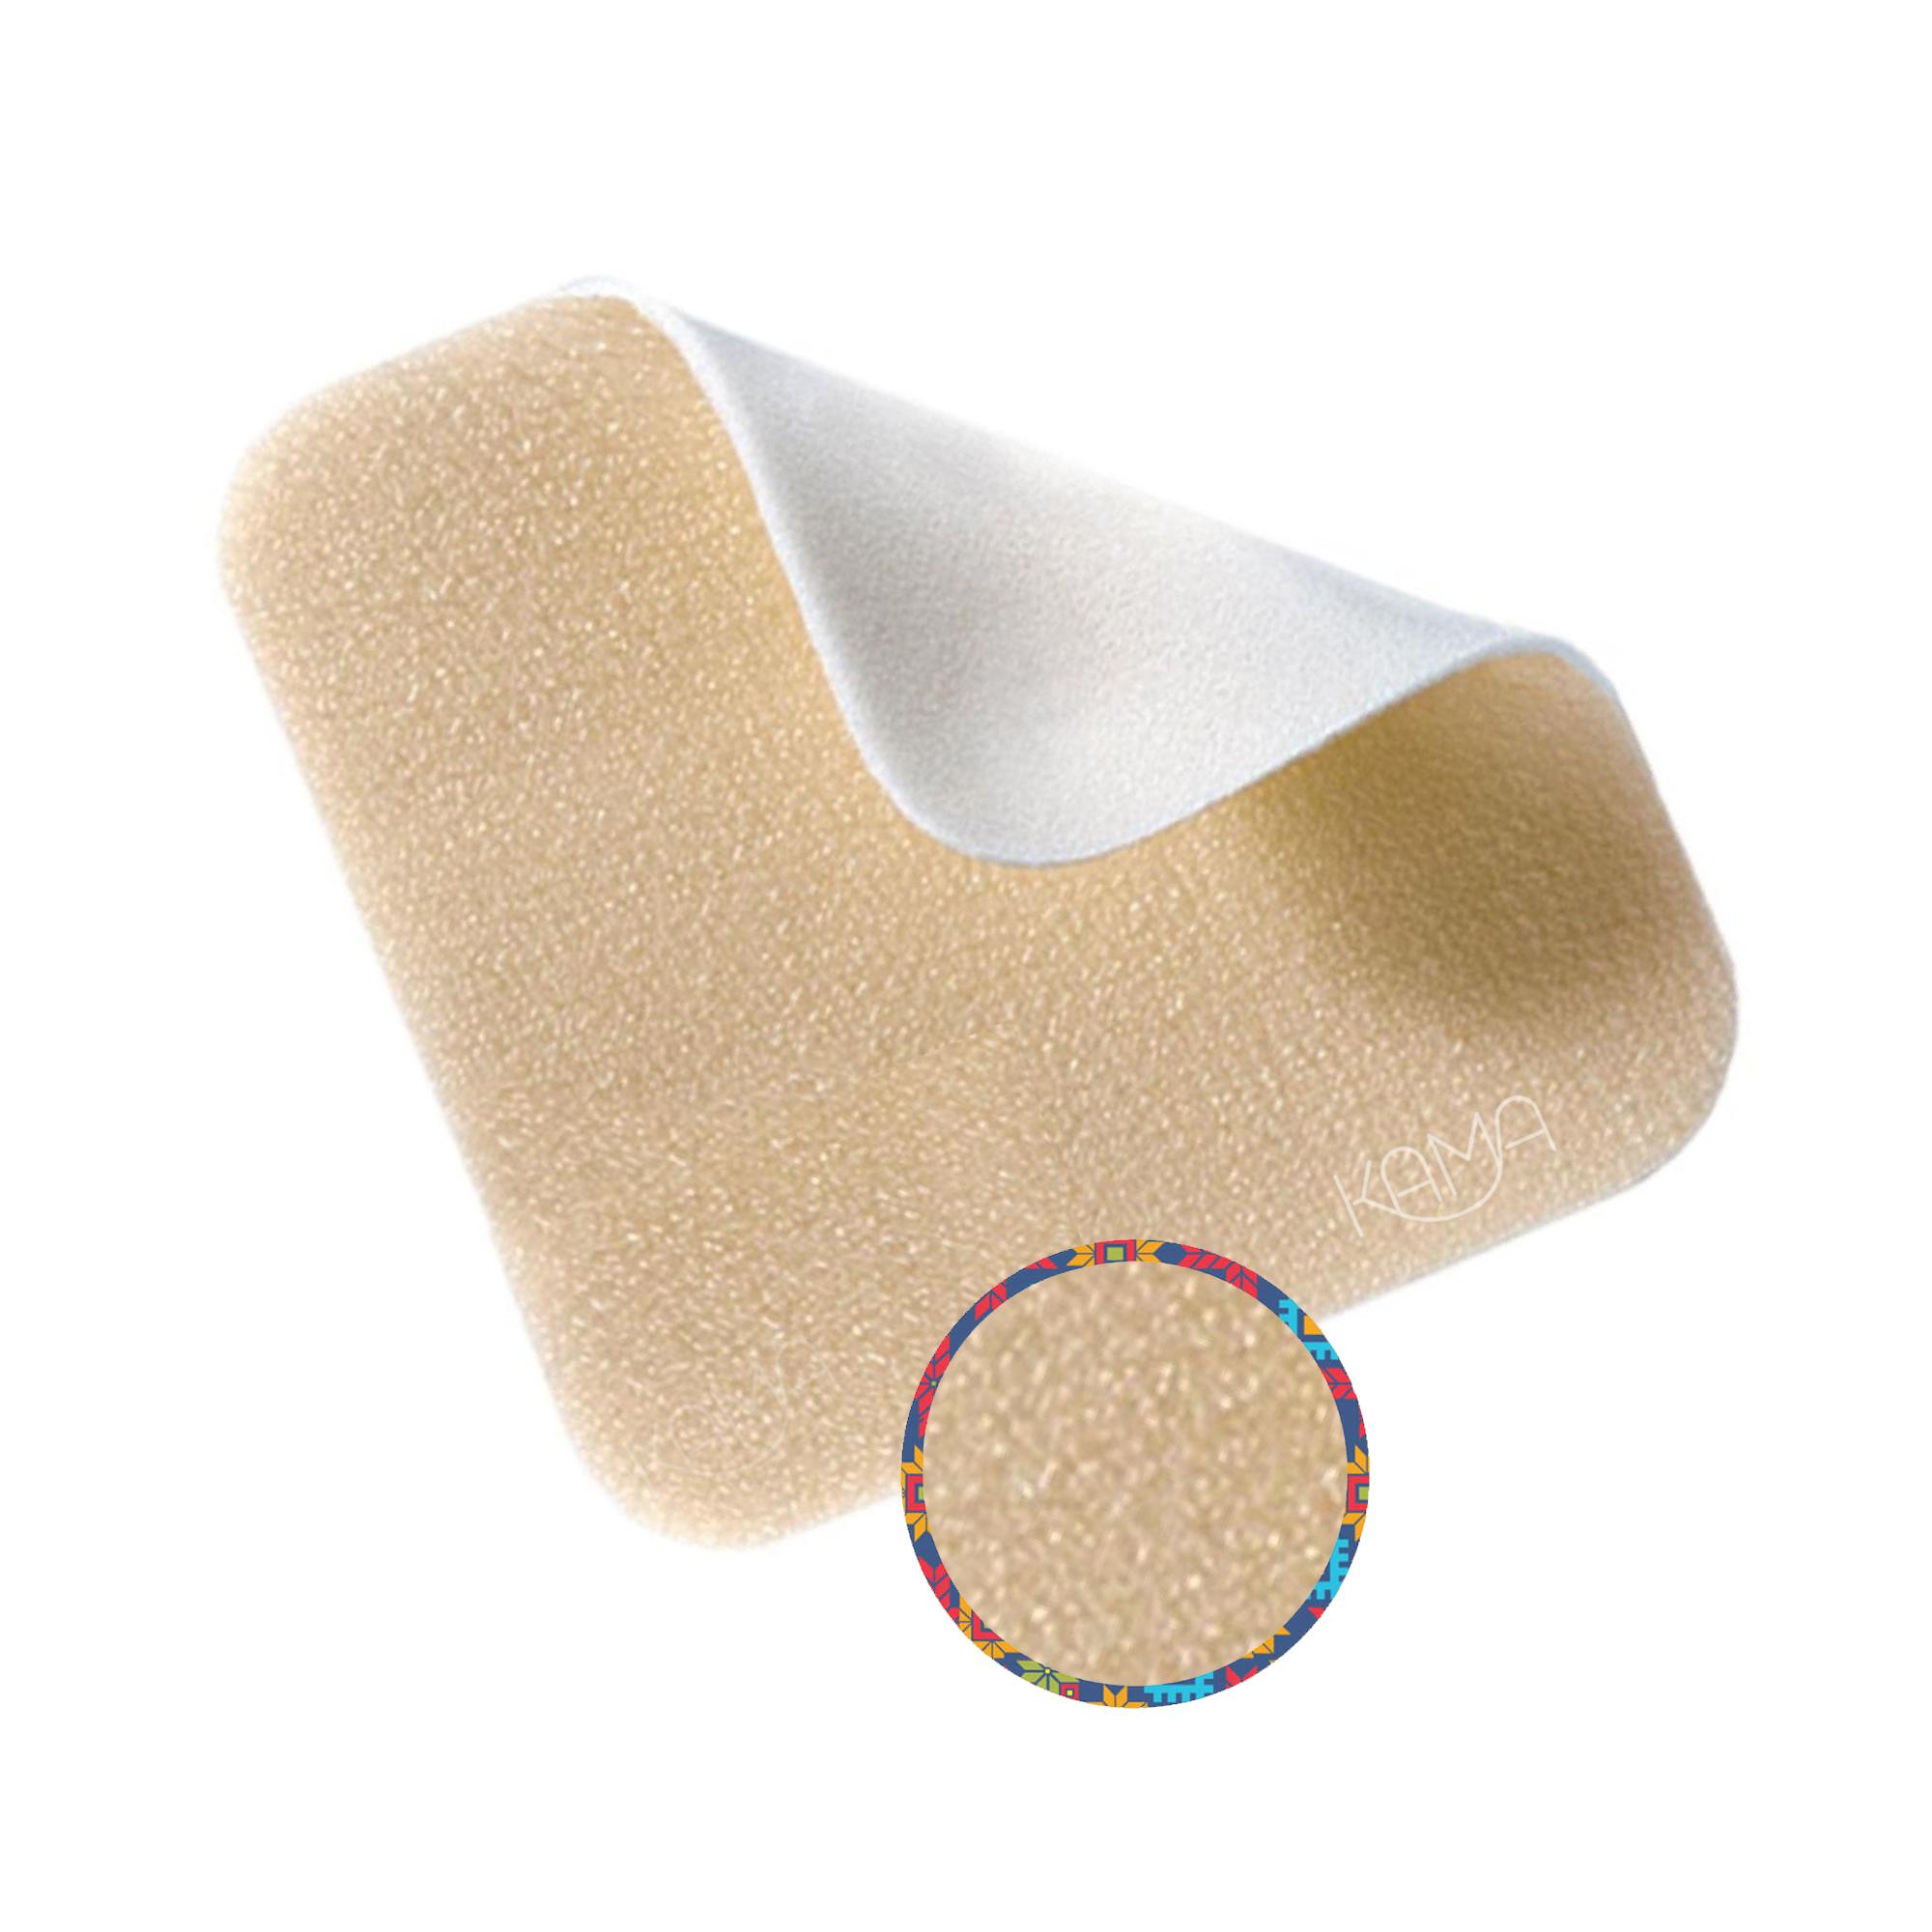 Повязка Мепилекс Лайт с силиконом 10 х 10 см